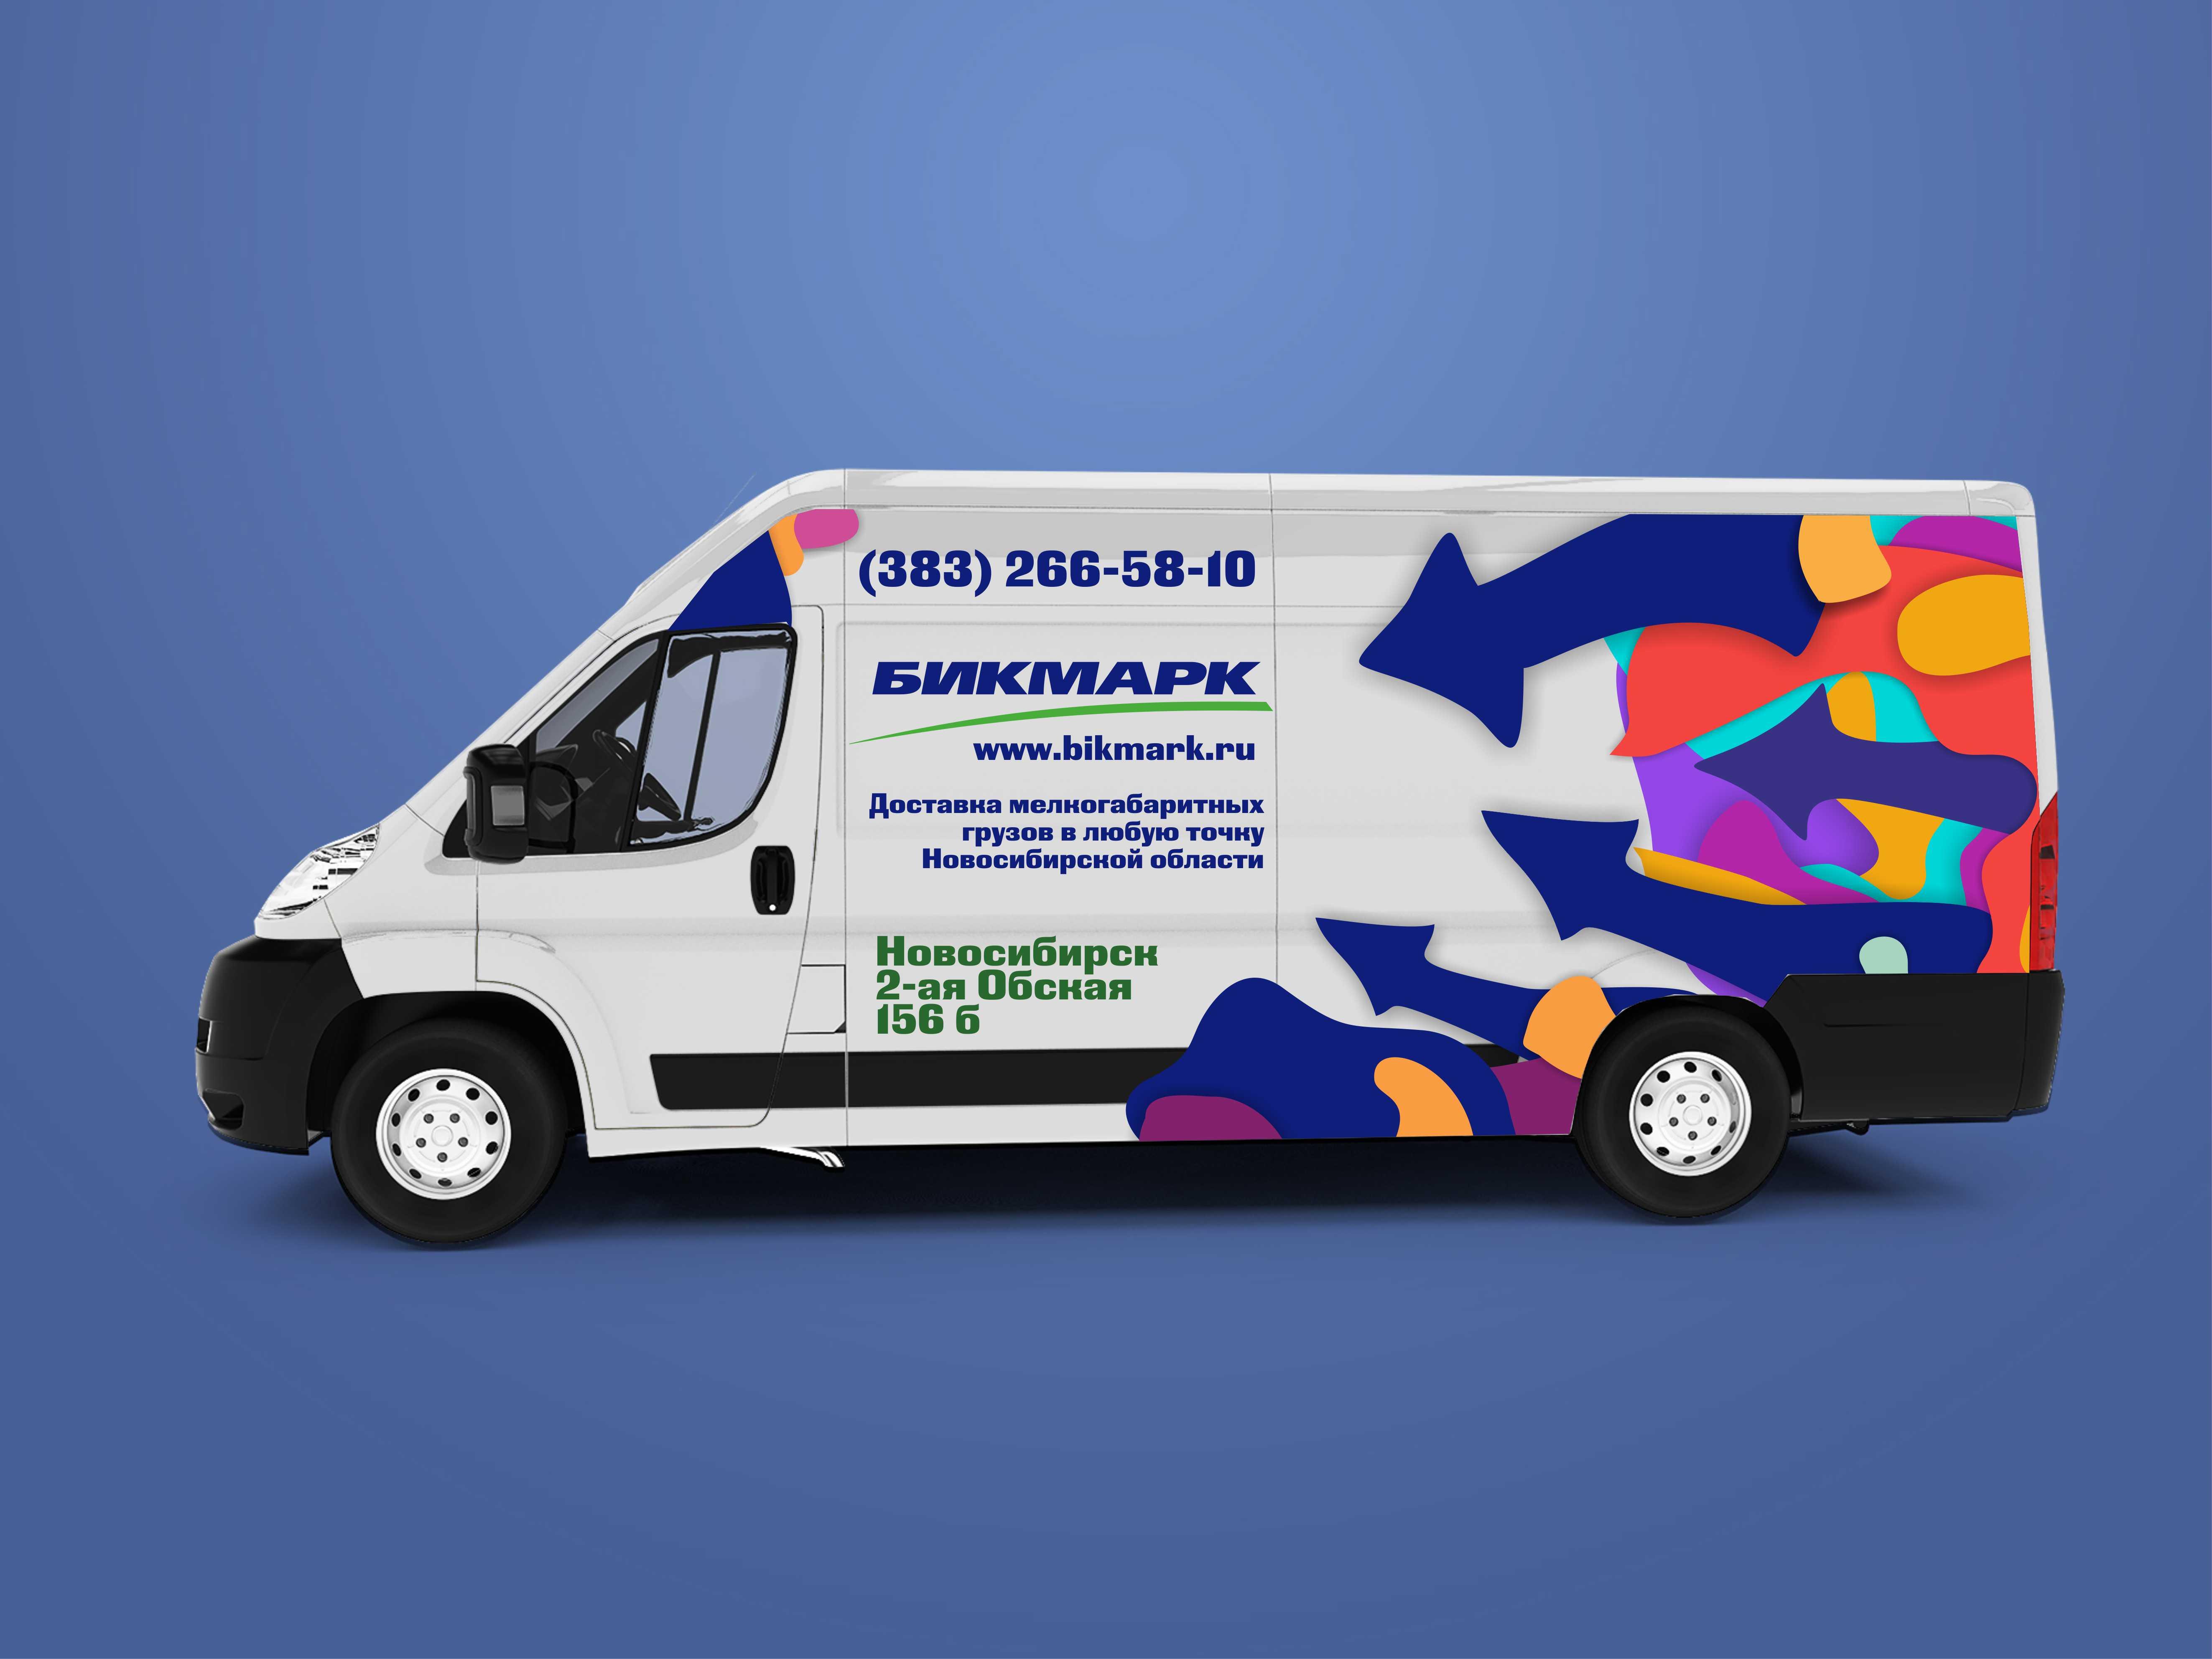 Разработка  рекламы на грузовые машины фото f_5475b2bda2c37ec8.jpg